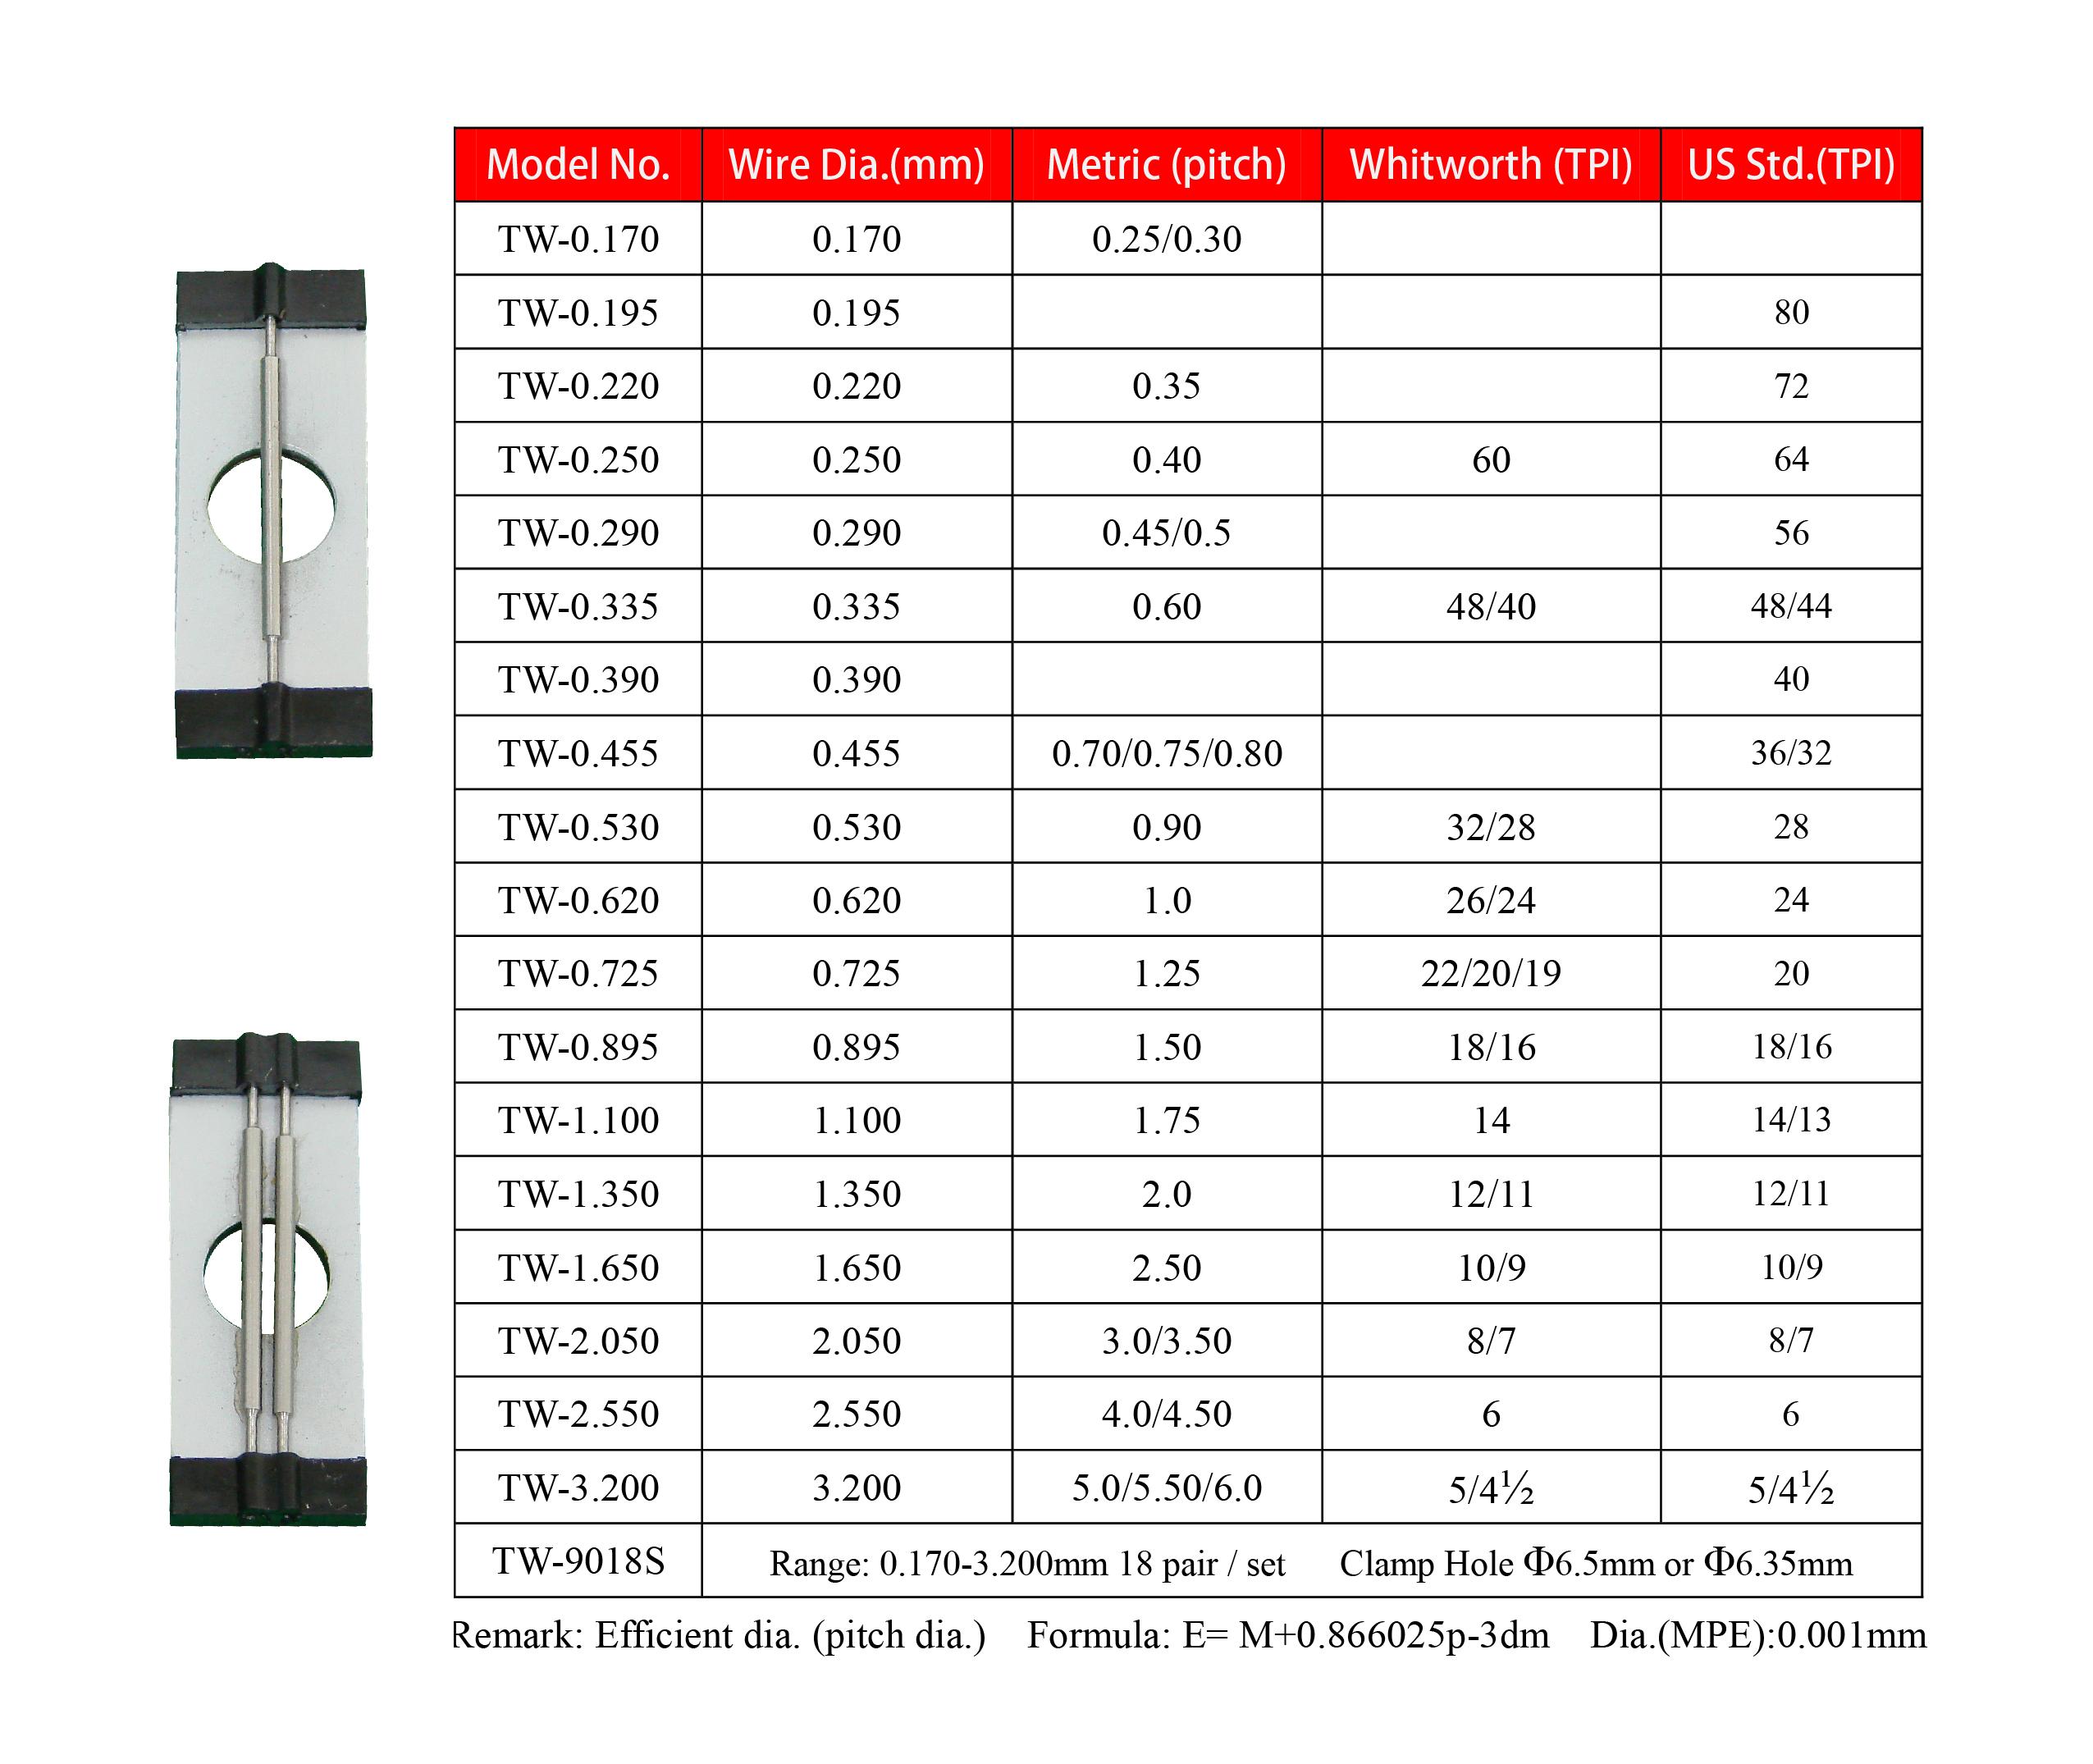 Reference table of 3 wire thread gauge metrology technology research metrology technology research development co ltd jingstone precision group keyboard keysfo Gallery